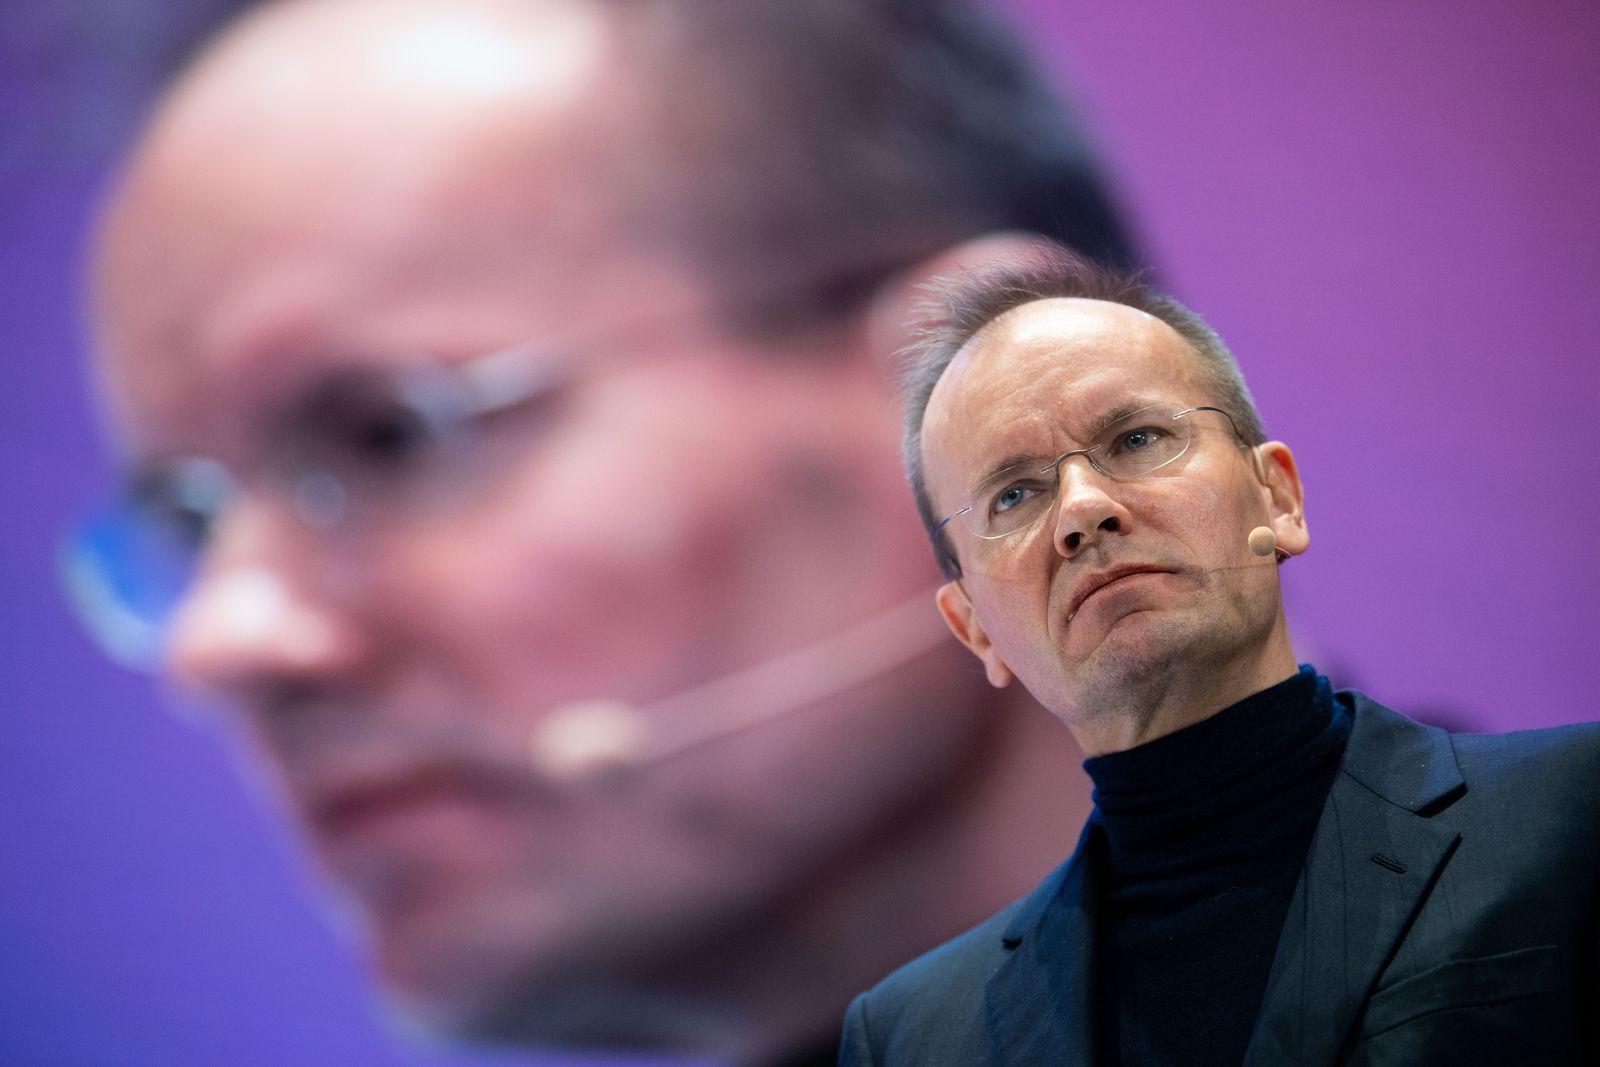 Aktionär erwirkt Vermögensarrest bei Ex-Wirecard-Chef Braun